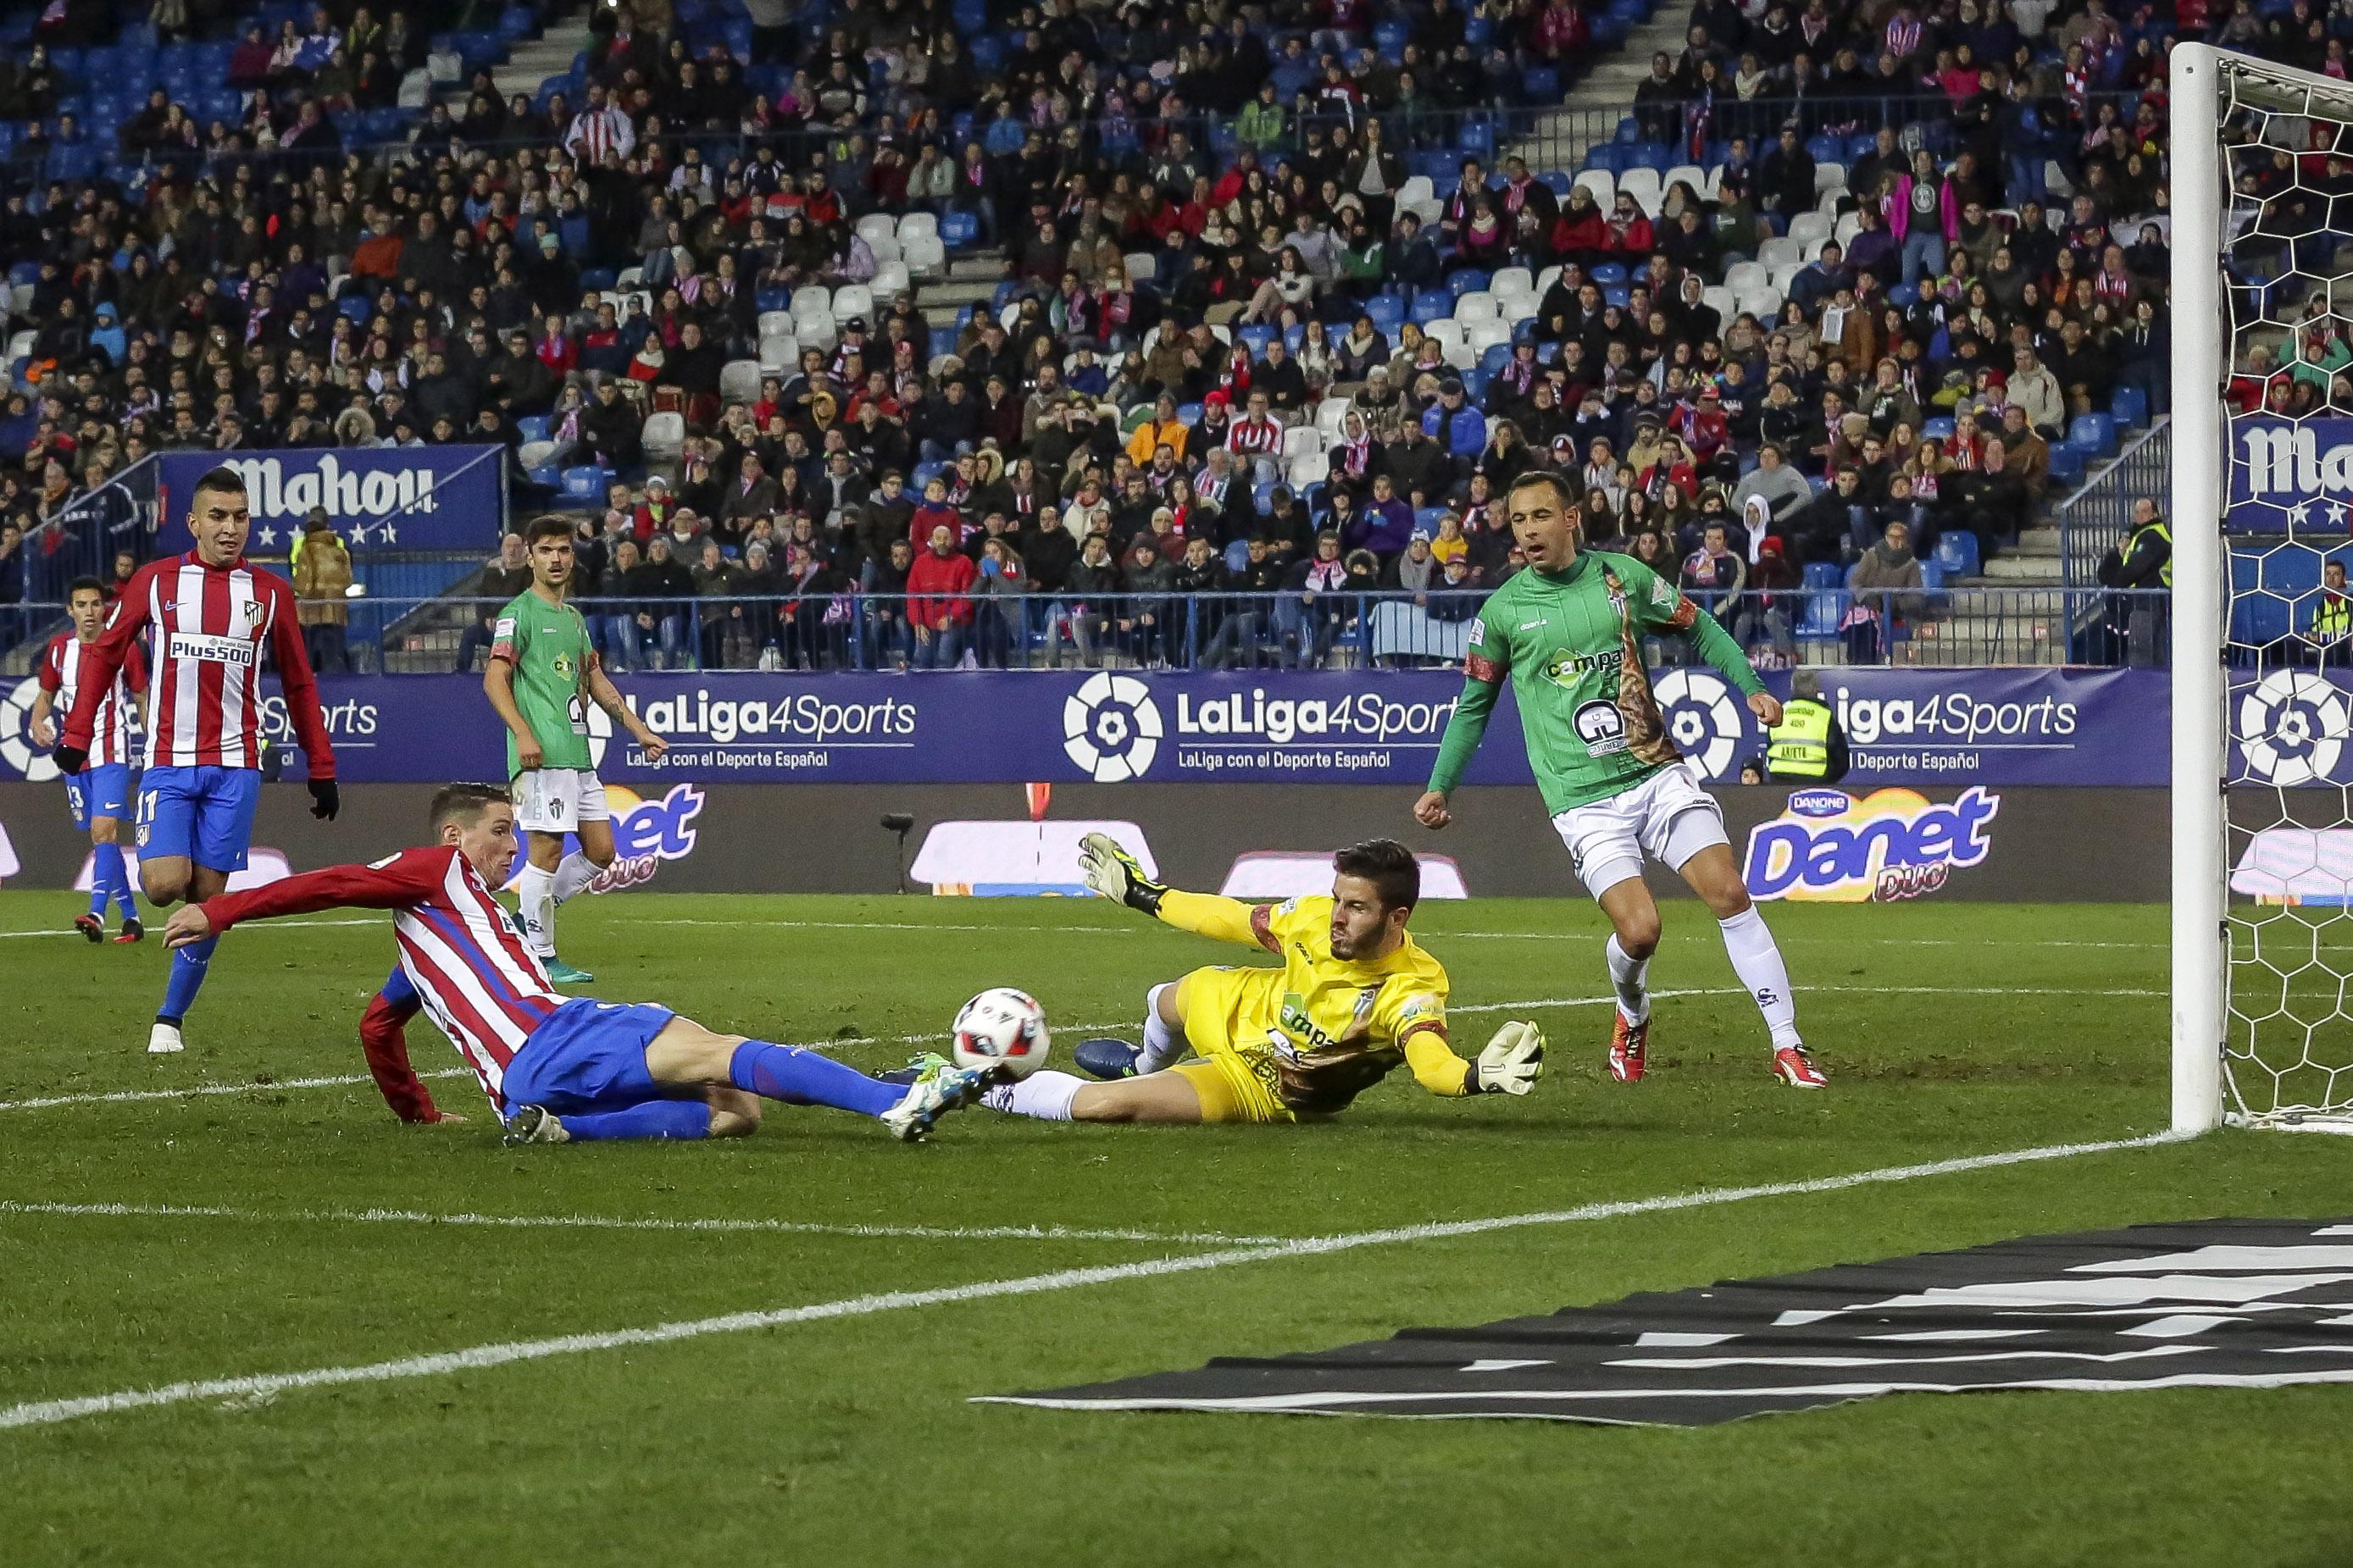 Copa Del Rey Atlético De Madrid Vs Cd Guijuelo Milenteinformaciónmilenteinformación